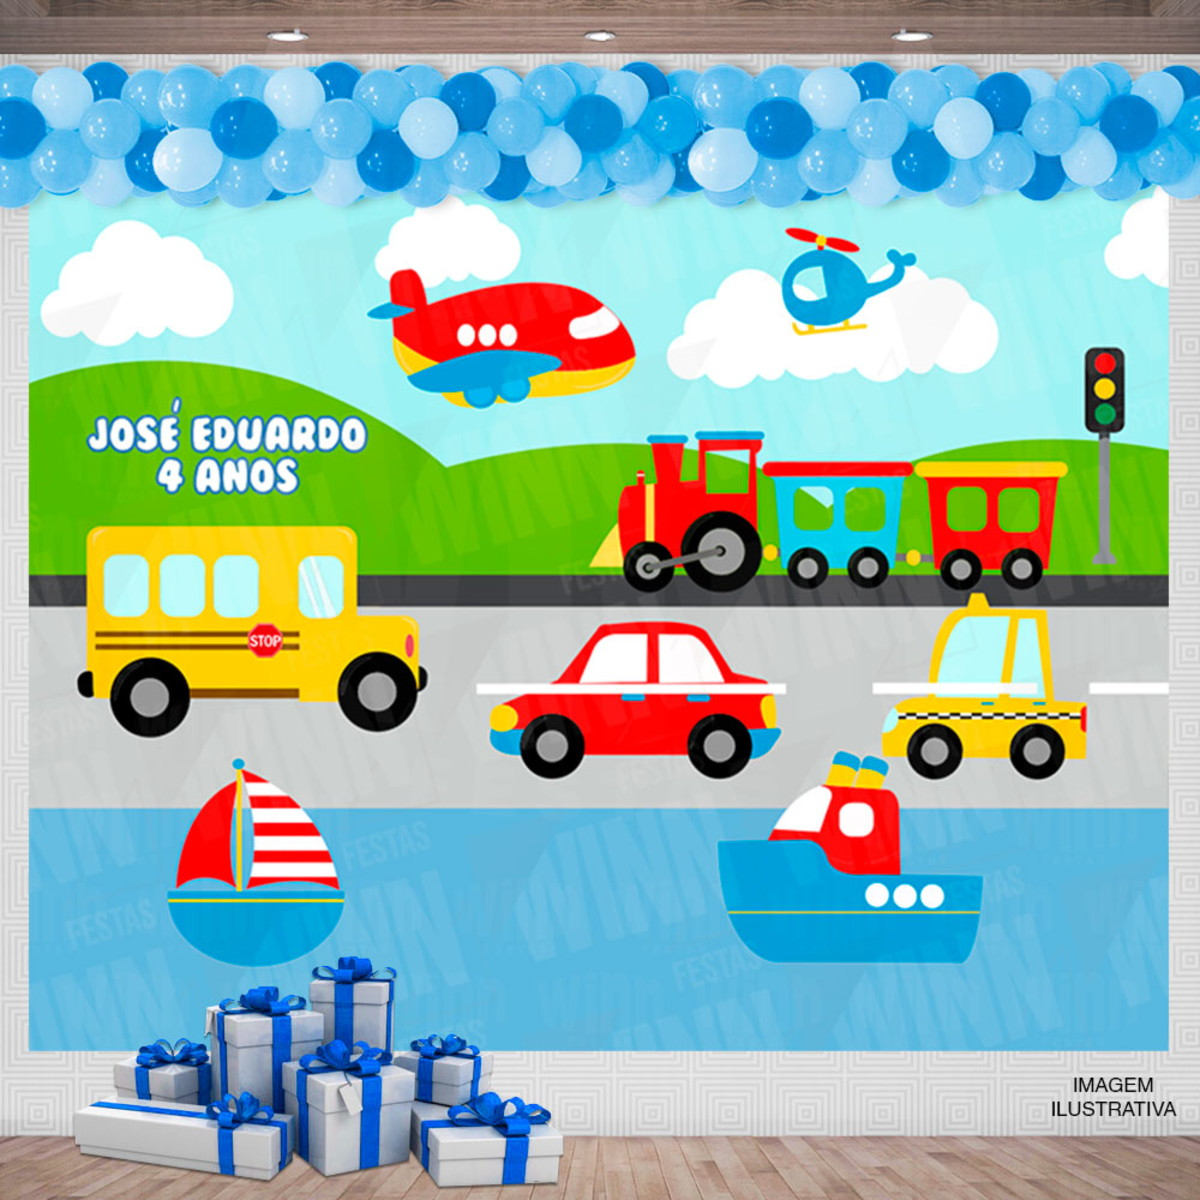 Painel Festa Infantil Desenho Carros Barcos Aviao 2x2m No Elo7